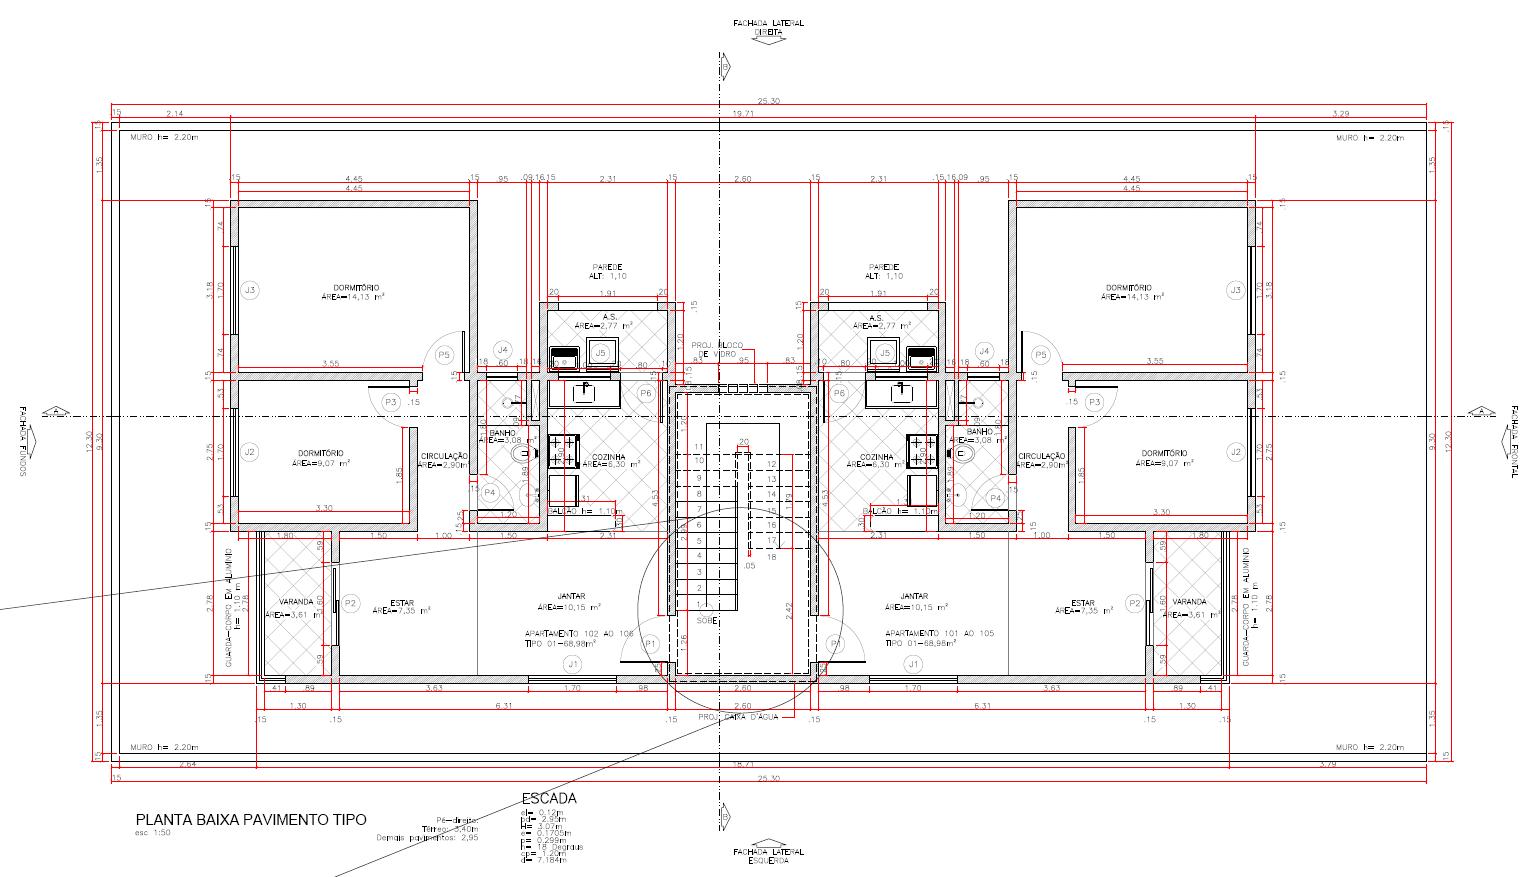 Extremamente Planta baixa do pavimento tipo | Modelo de Projeto - Prédio 3  HX45